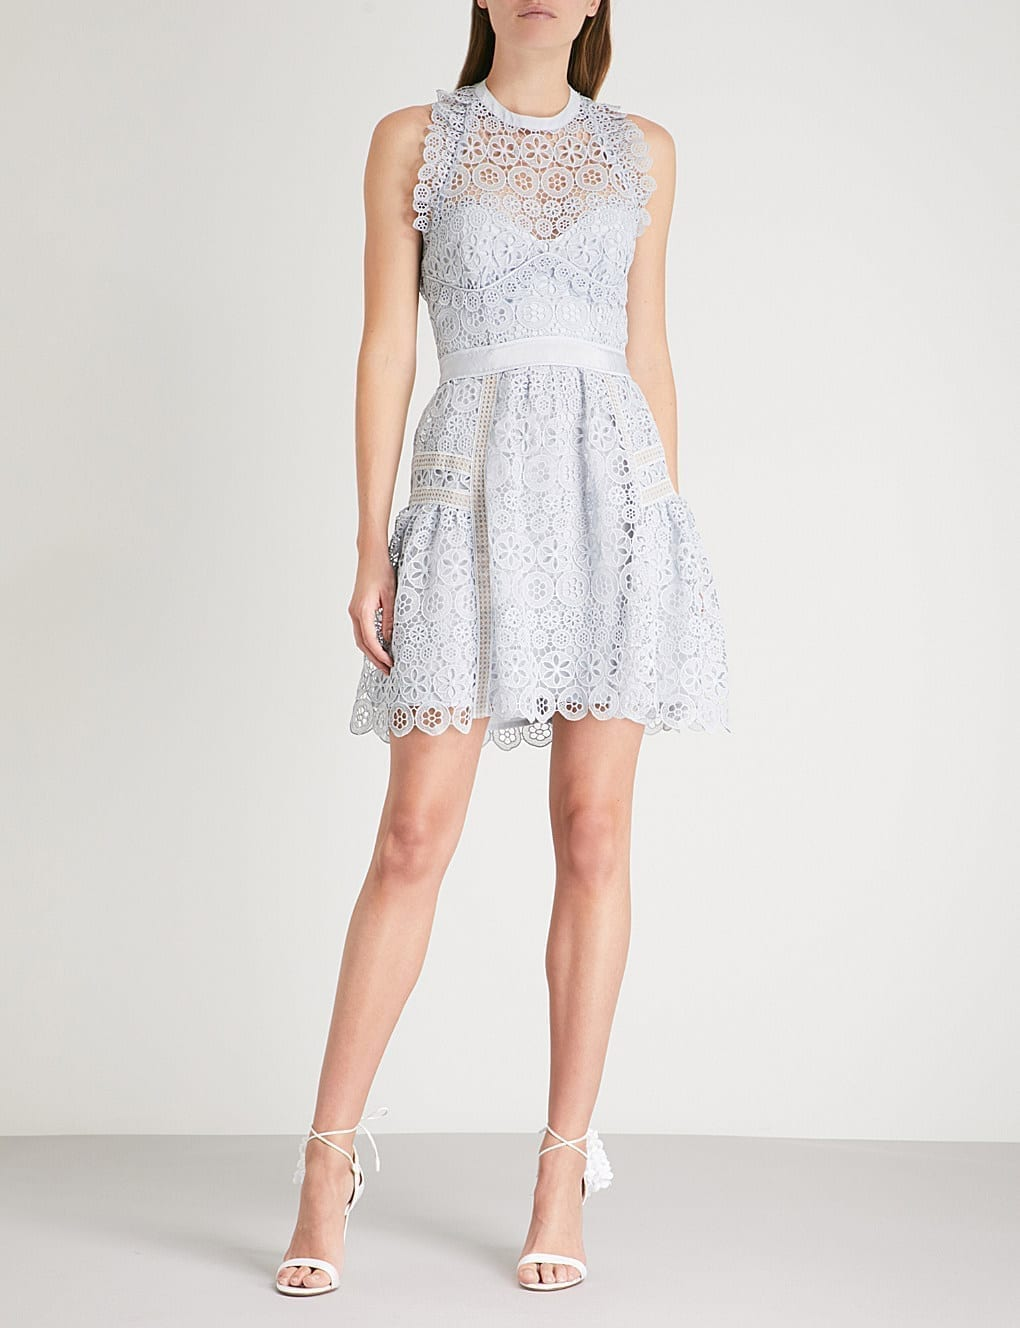 6c3fc316594 SELF-PORTRAIT Circle Floral Lace Mini Pale Blue Dress - We Select ...